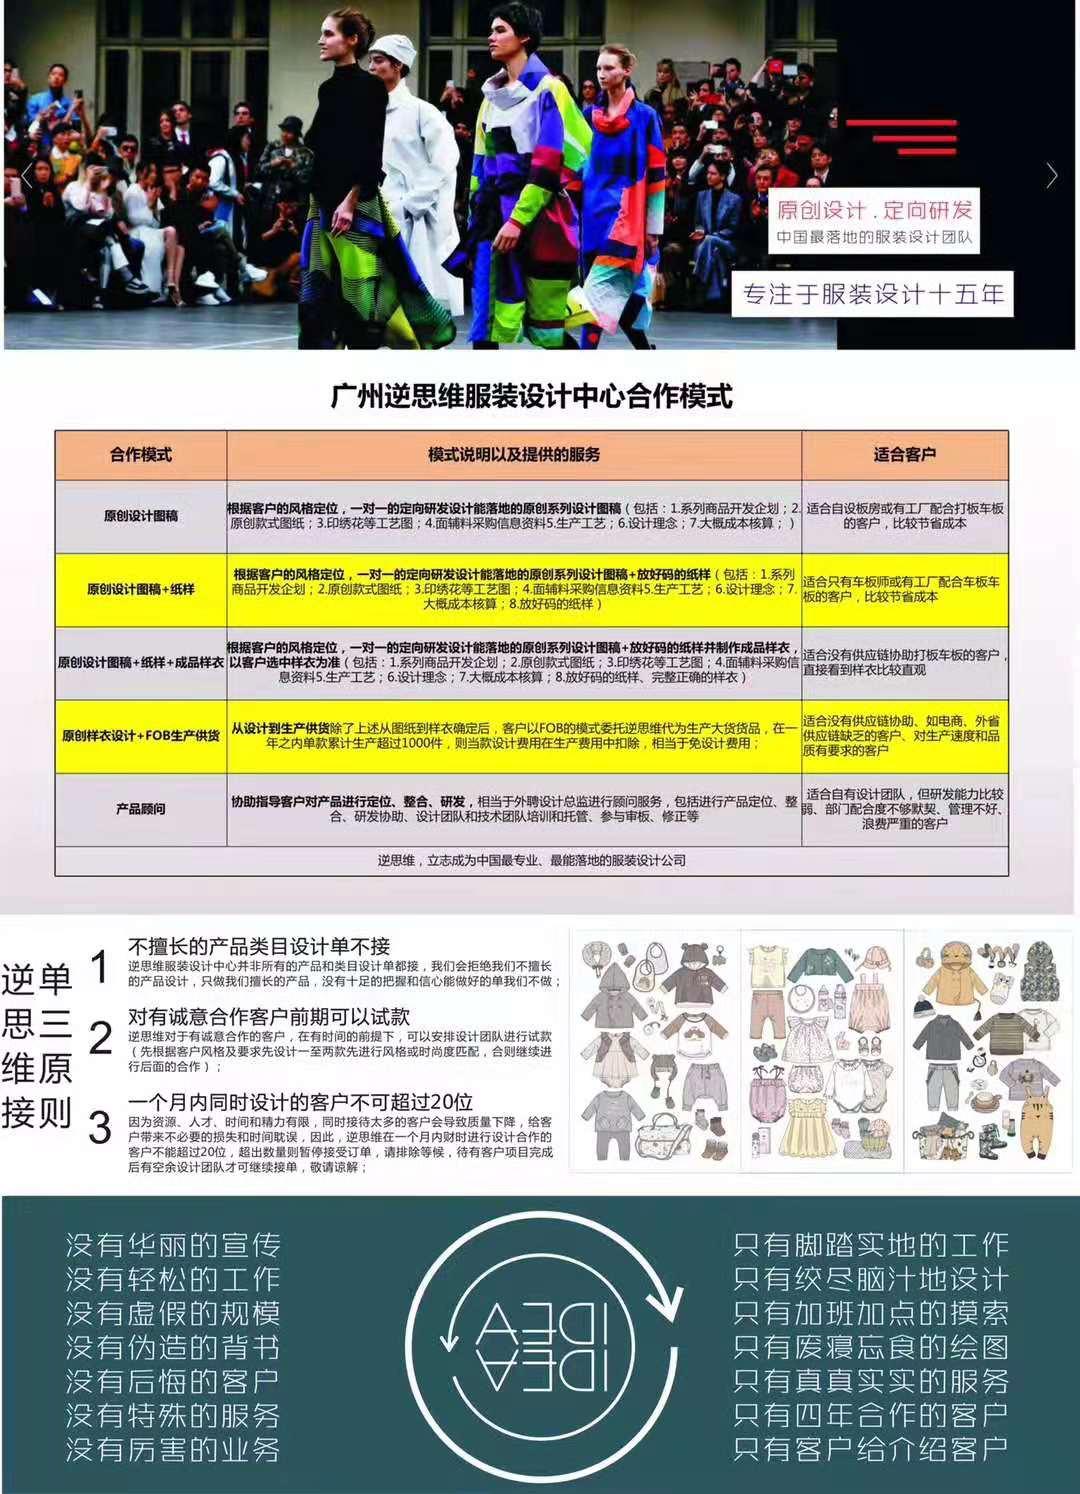 廣州逆思維服裝設計中心